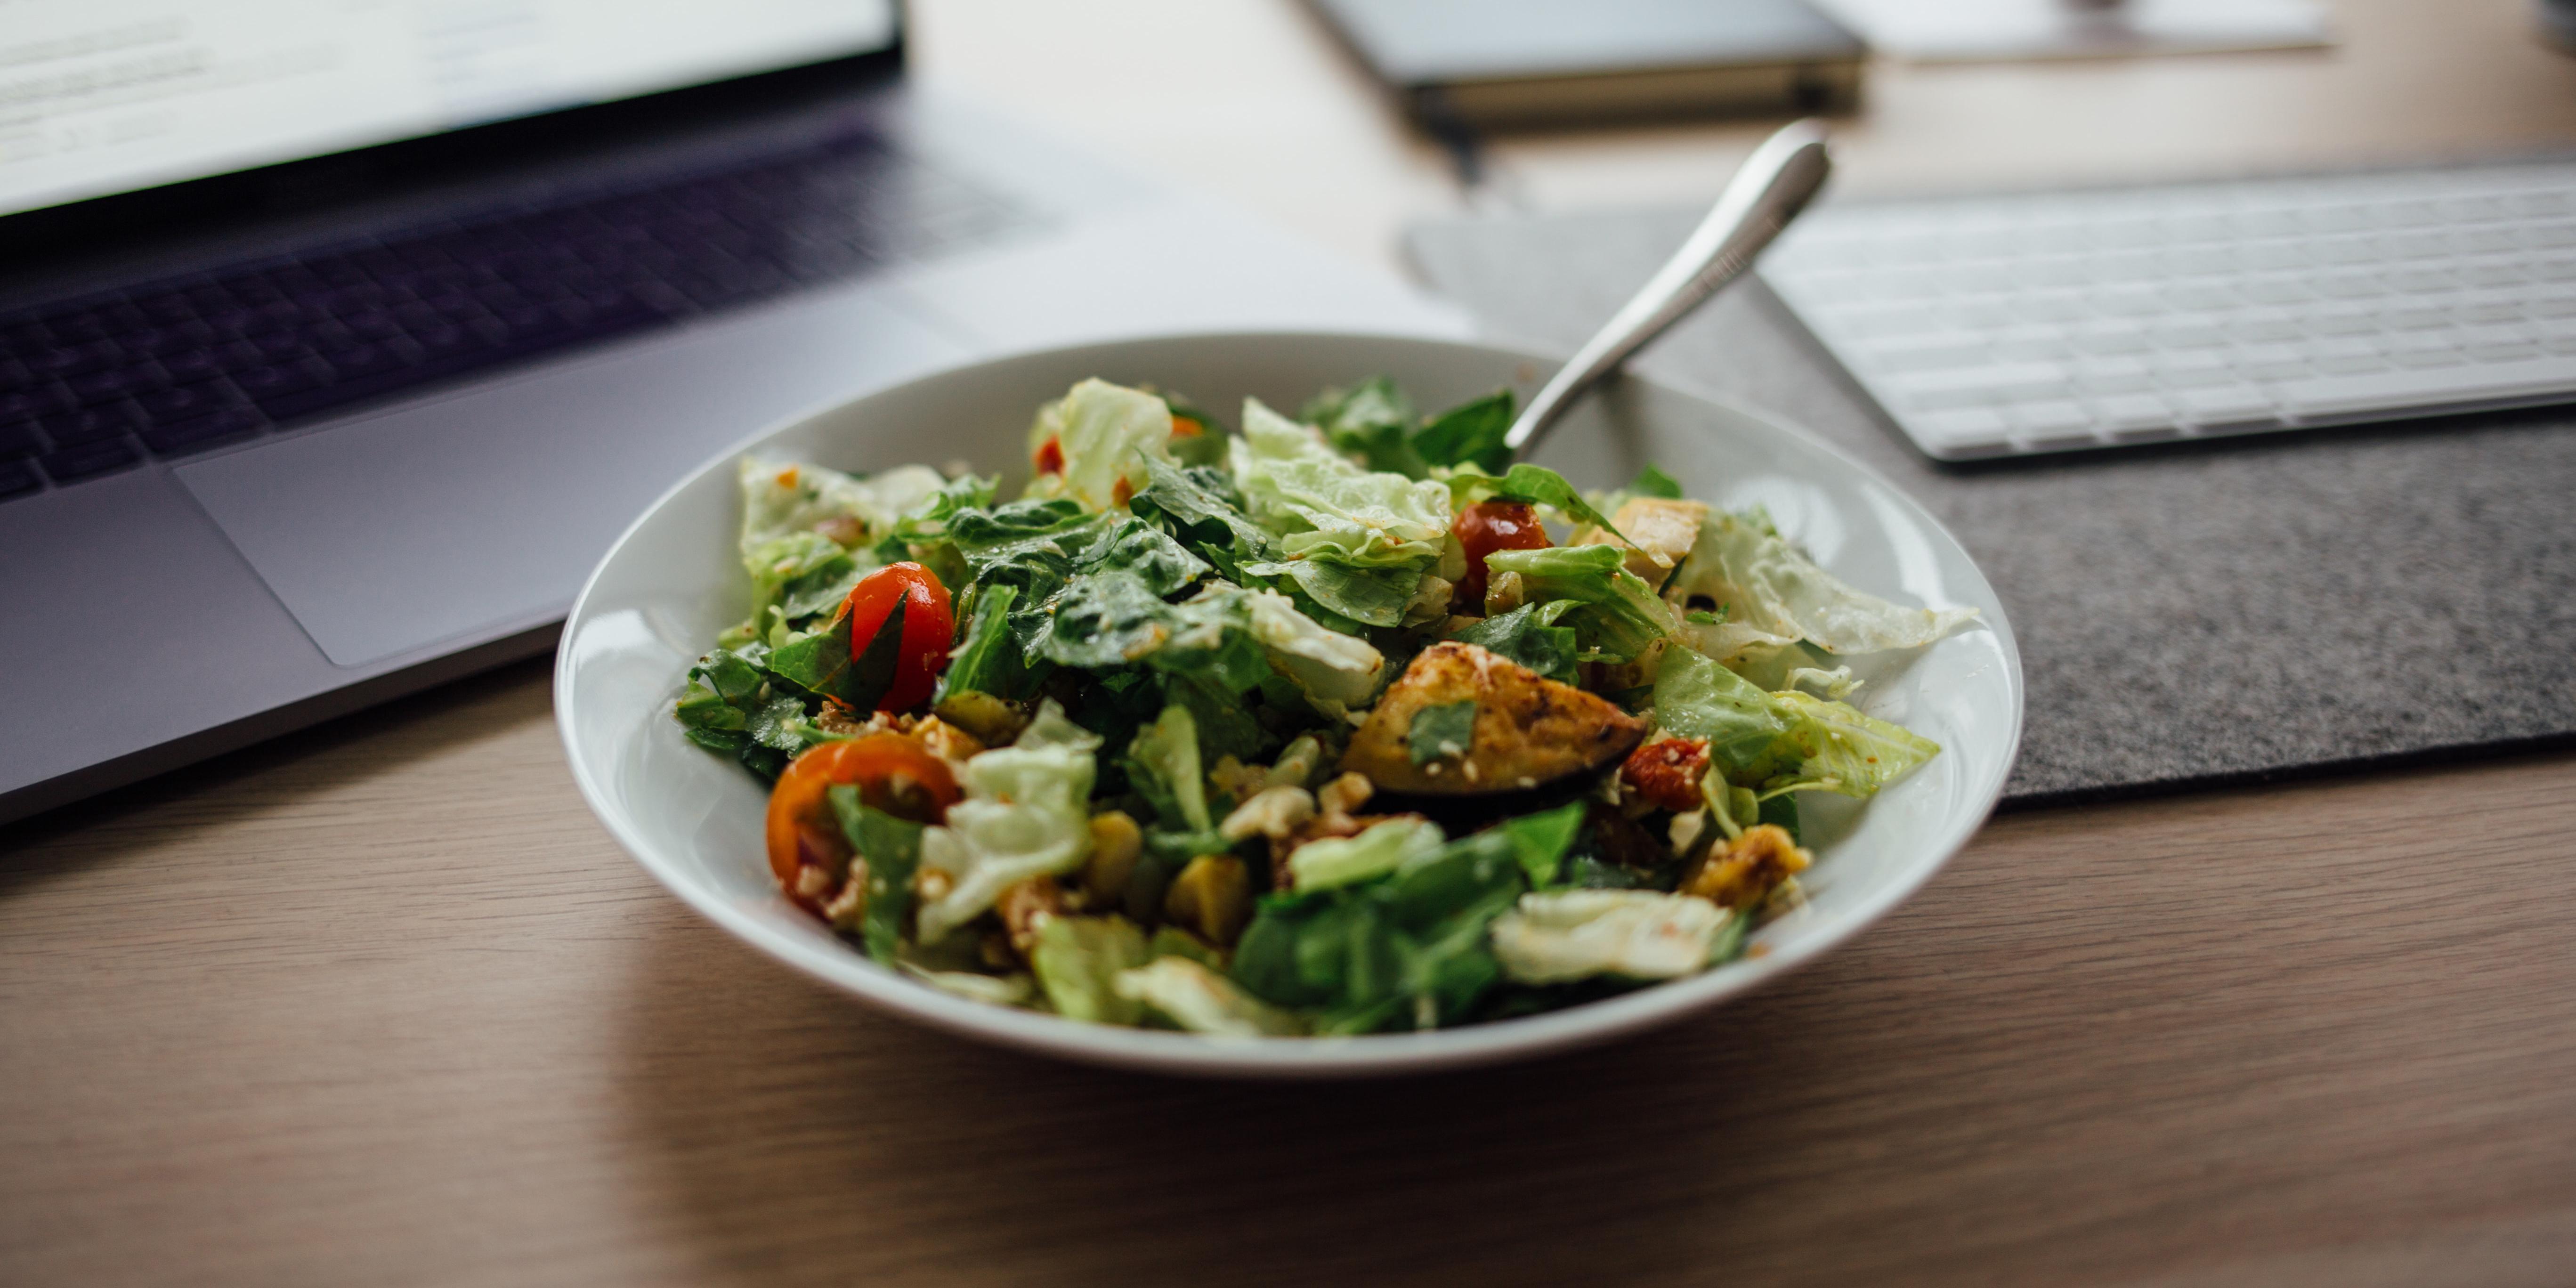 Палео диета —что это? примеры меню для палео питания по дням